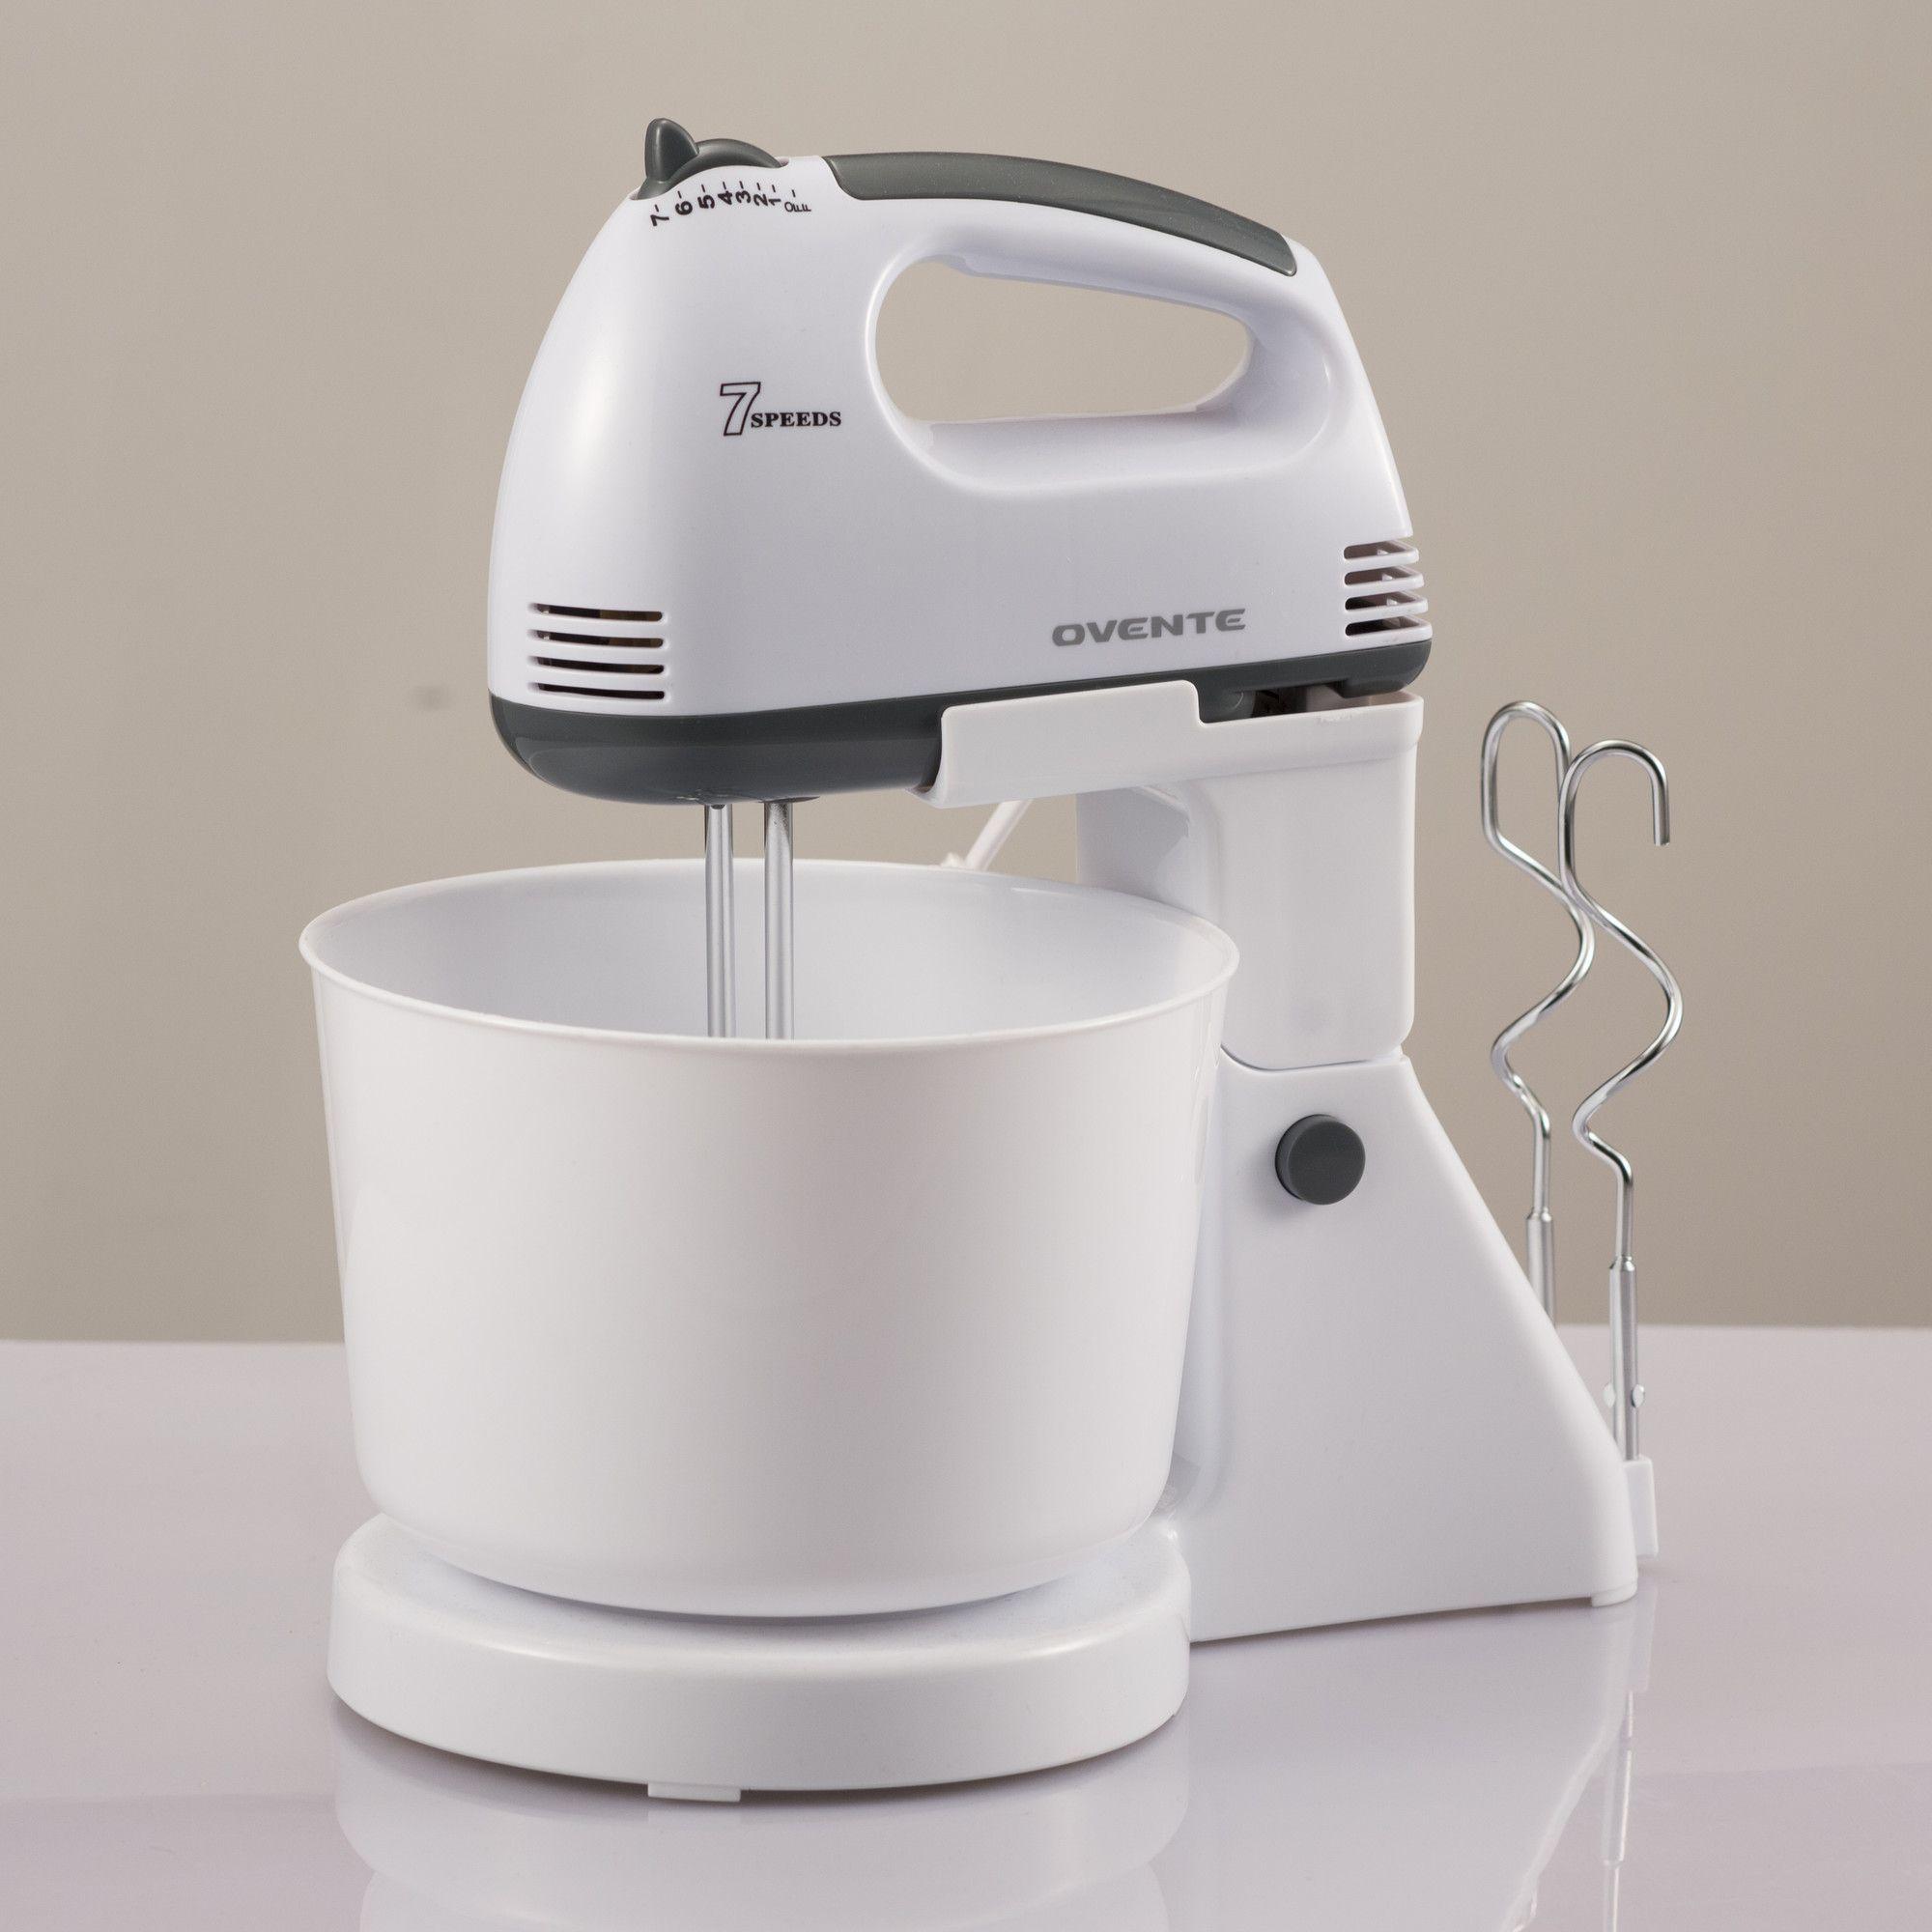 kitchenaid 7 speed hand mixer attachments